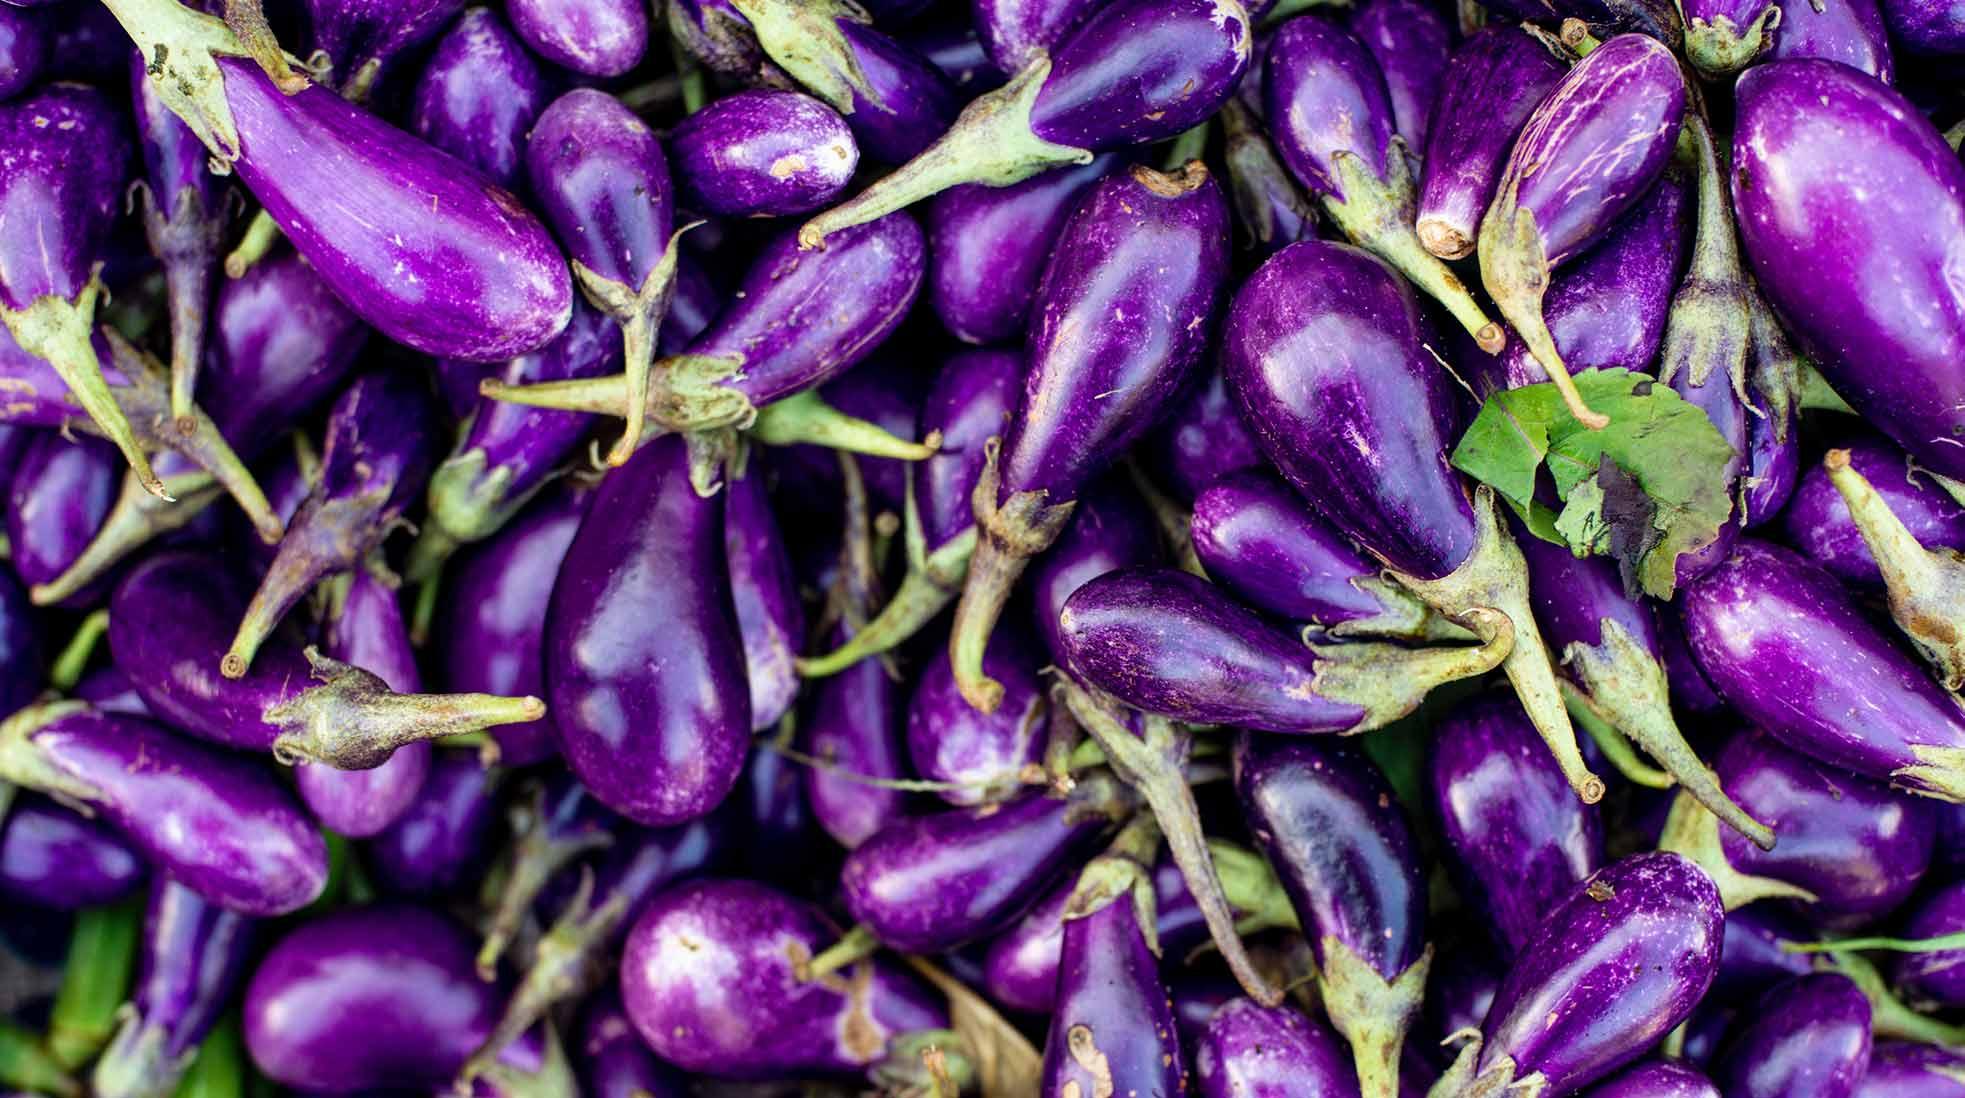 Eggplants at a vegetable market